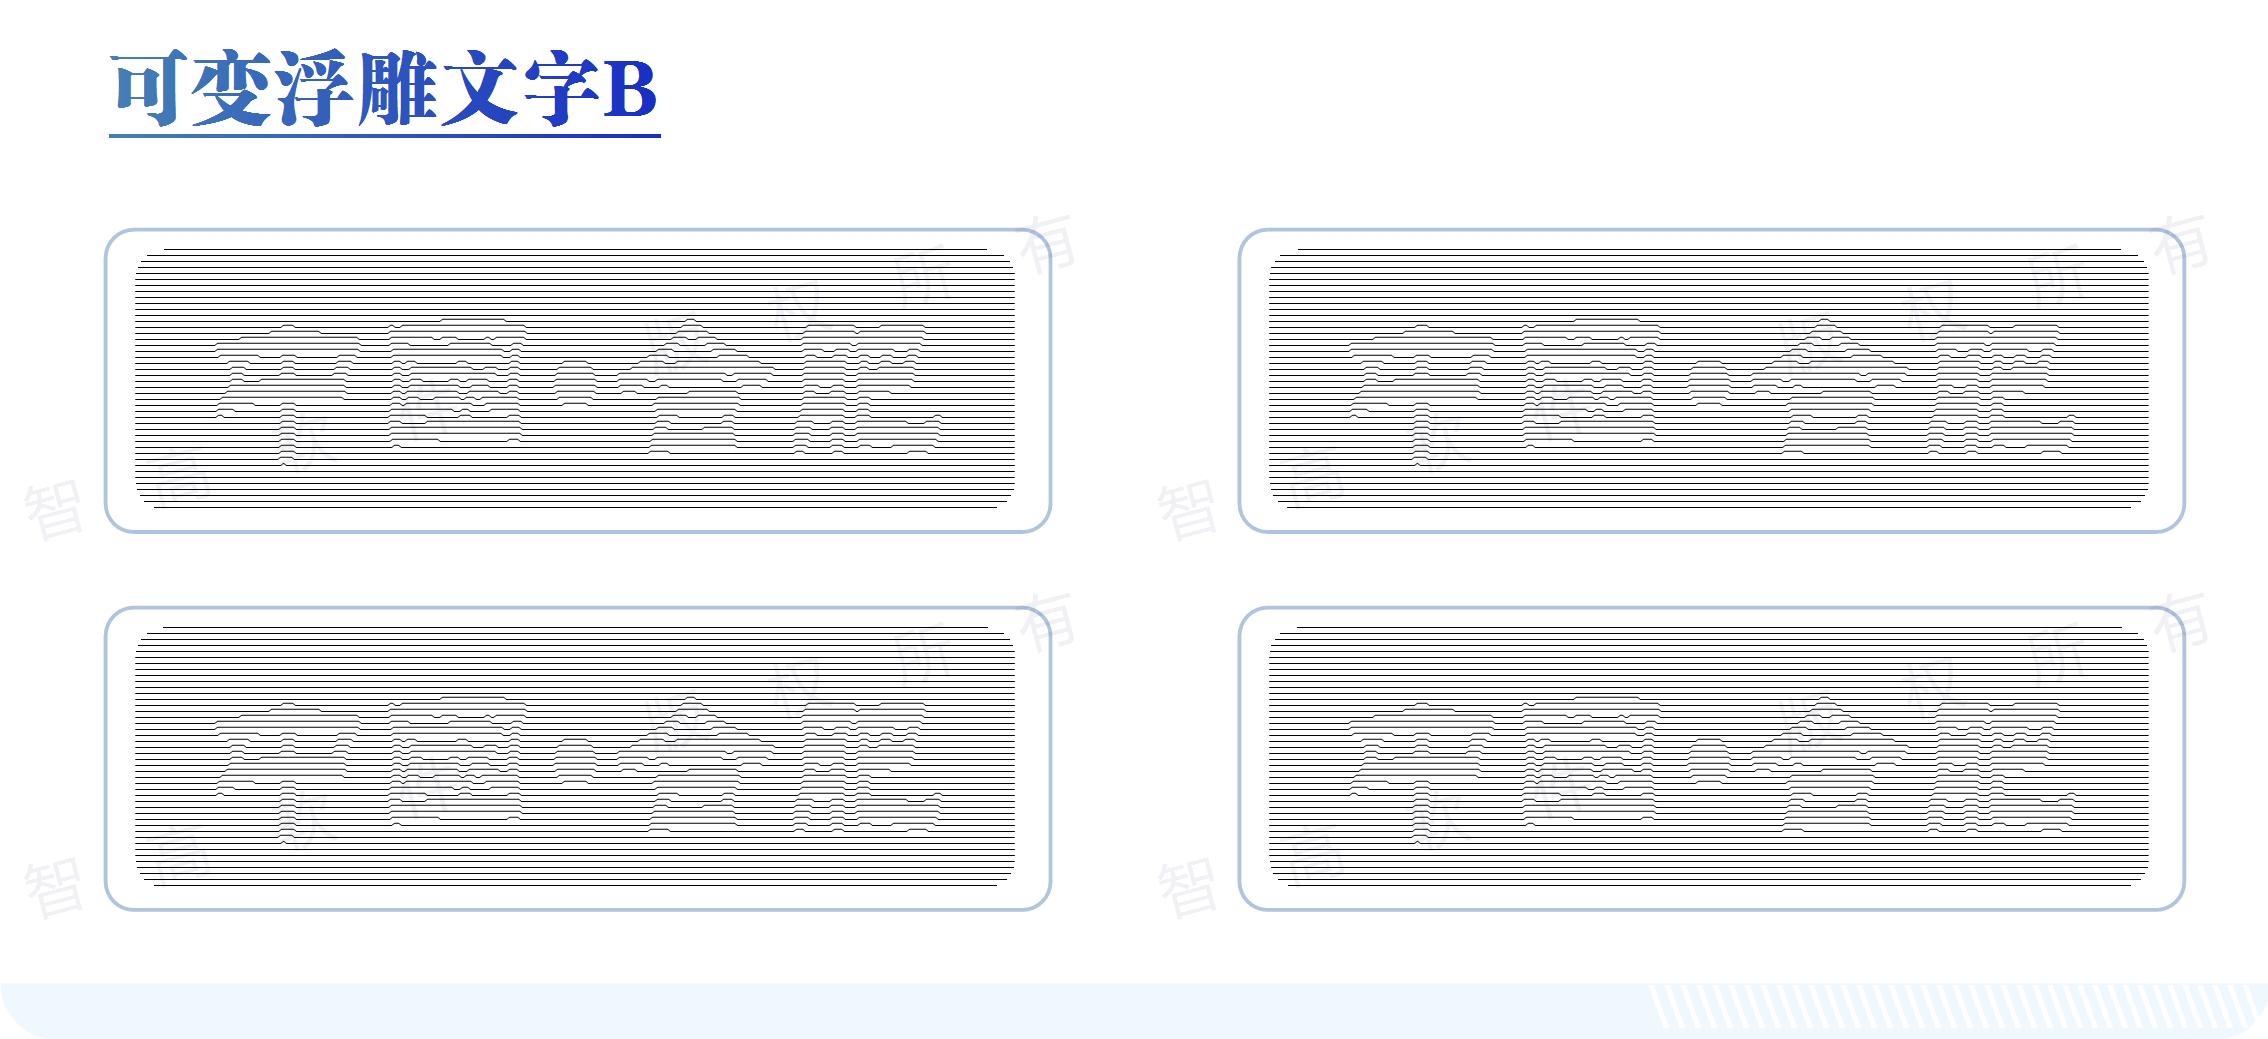 数码印刷 防伪印刷 输出软件 浮雕文字